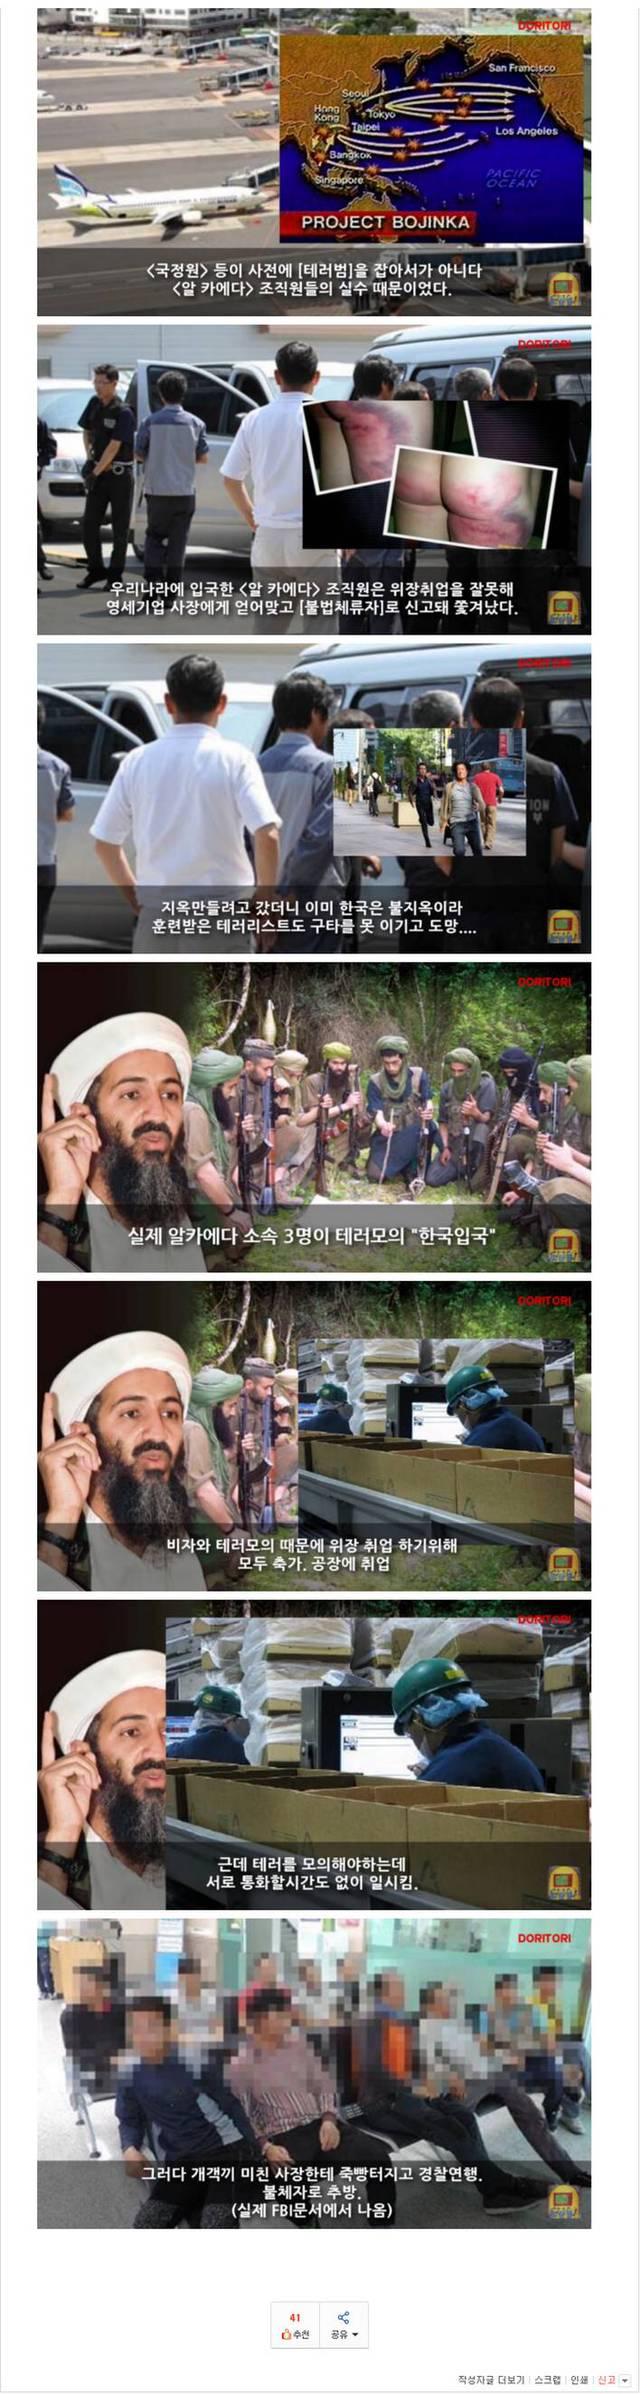 다시보는 대한민국 테러모의 레전드.JPG | 인스티즈